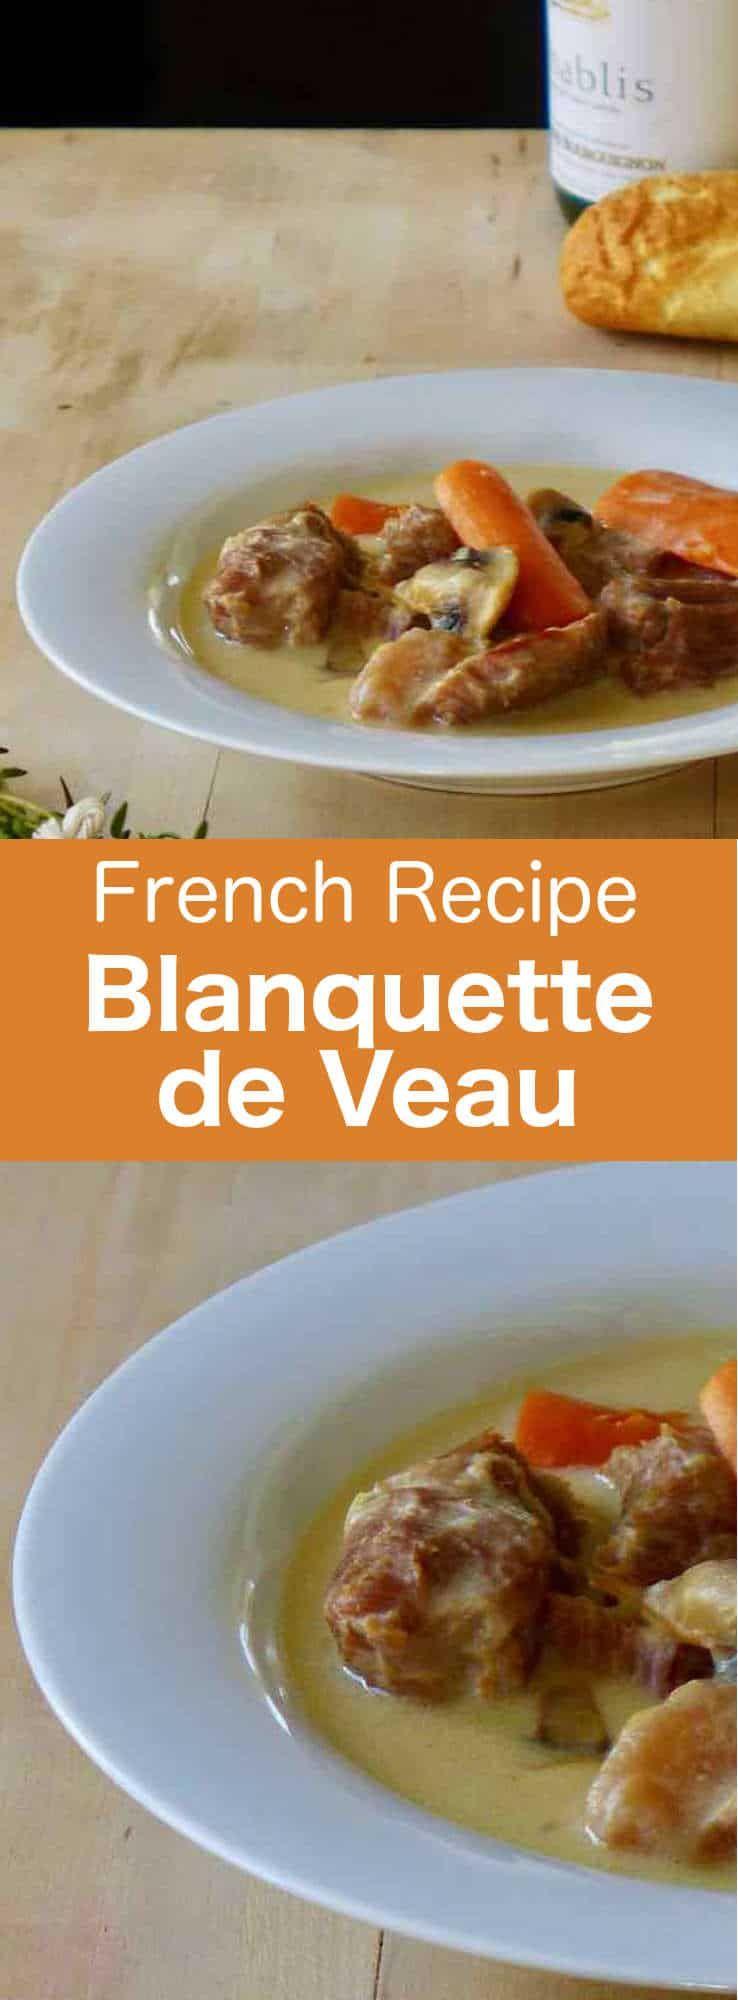 France: Blanquette de Veau